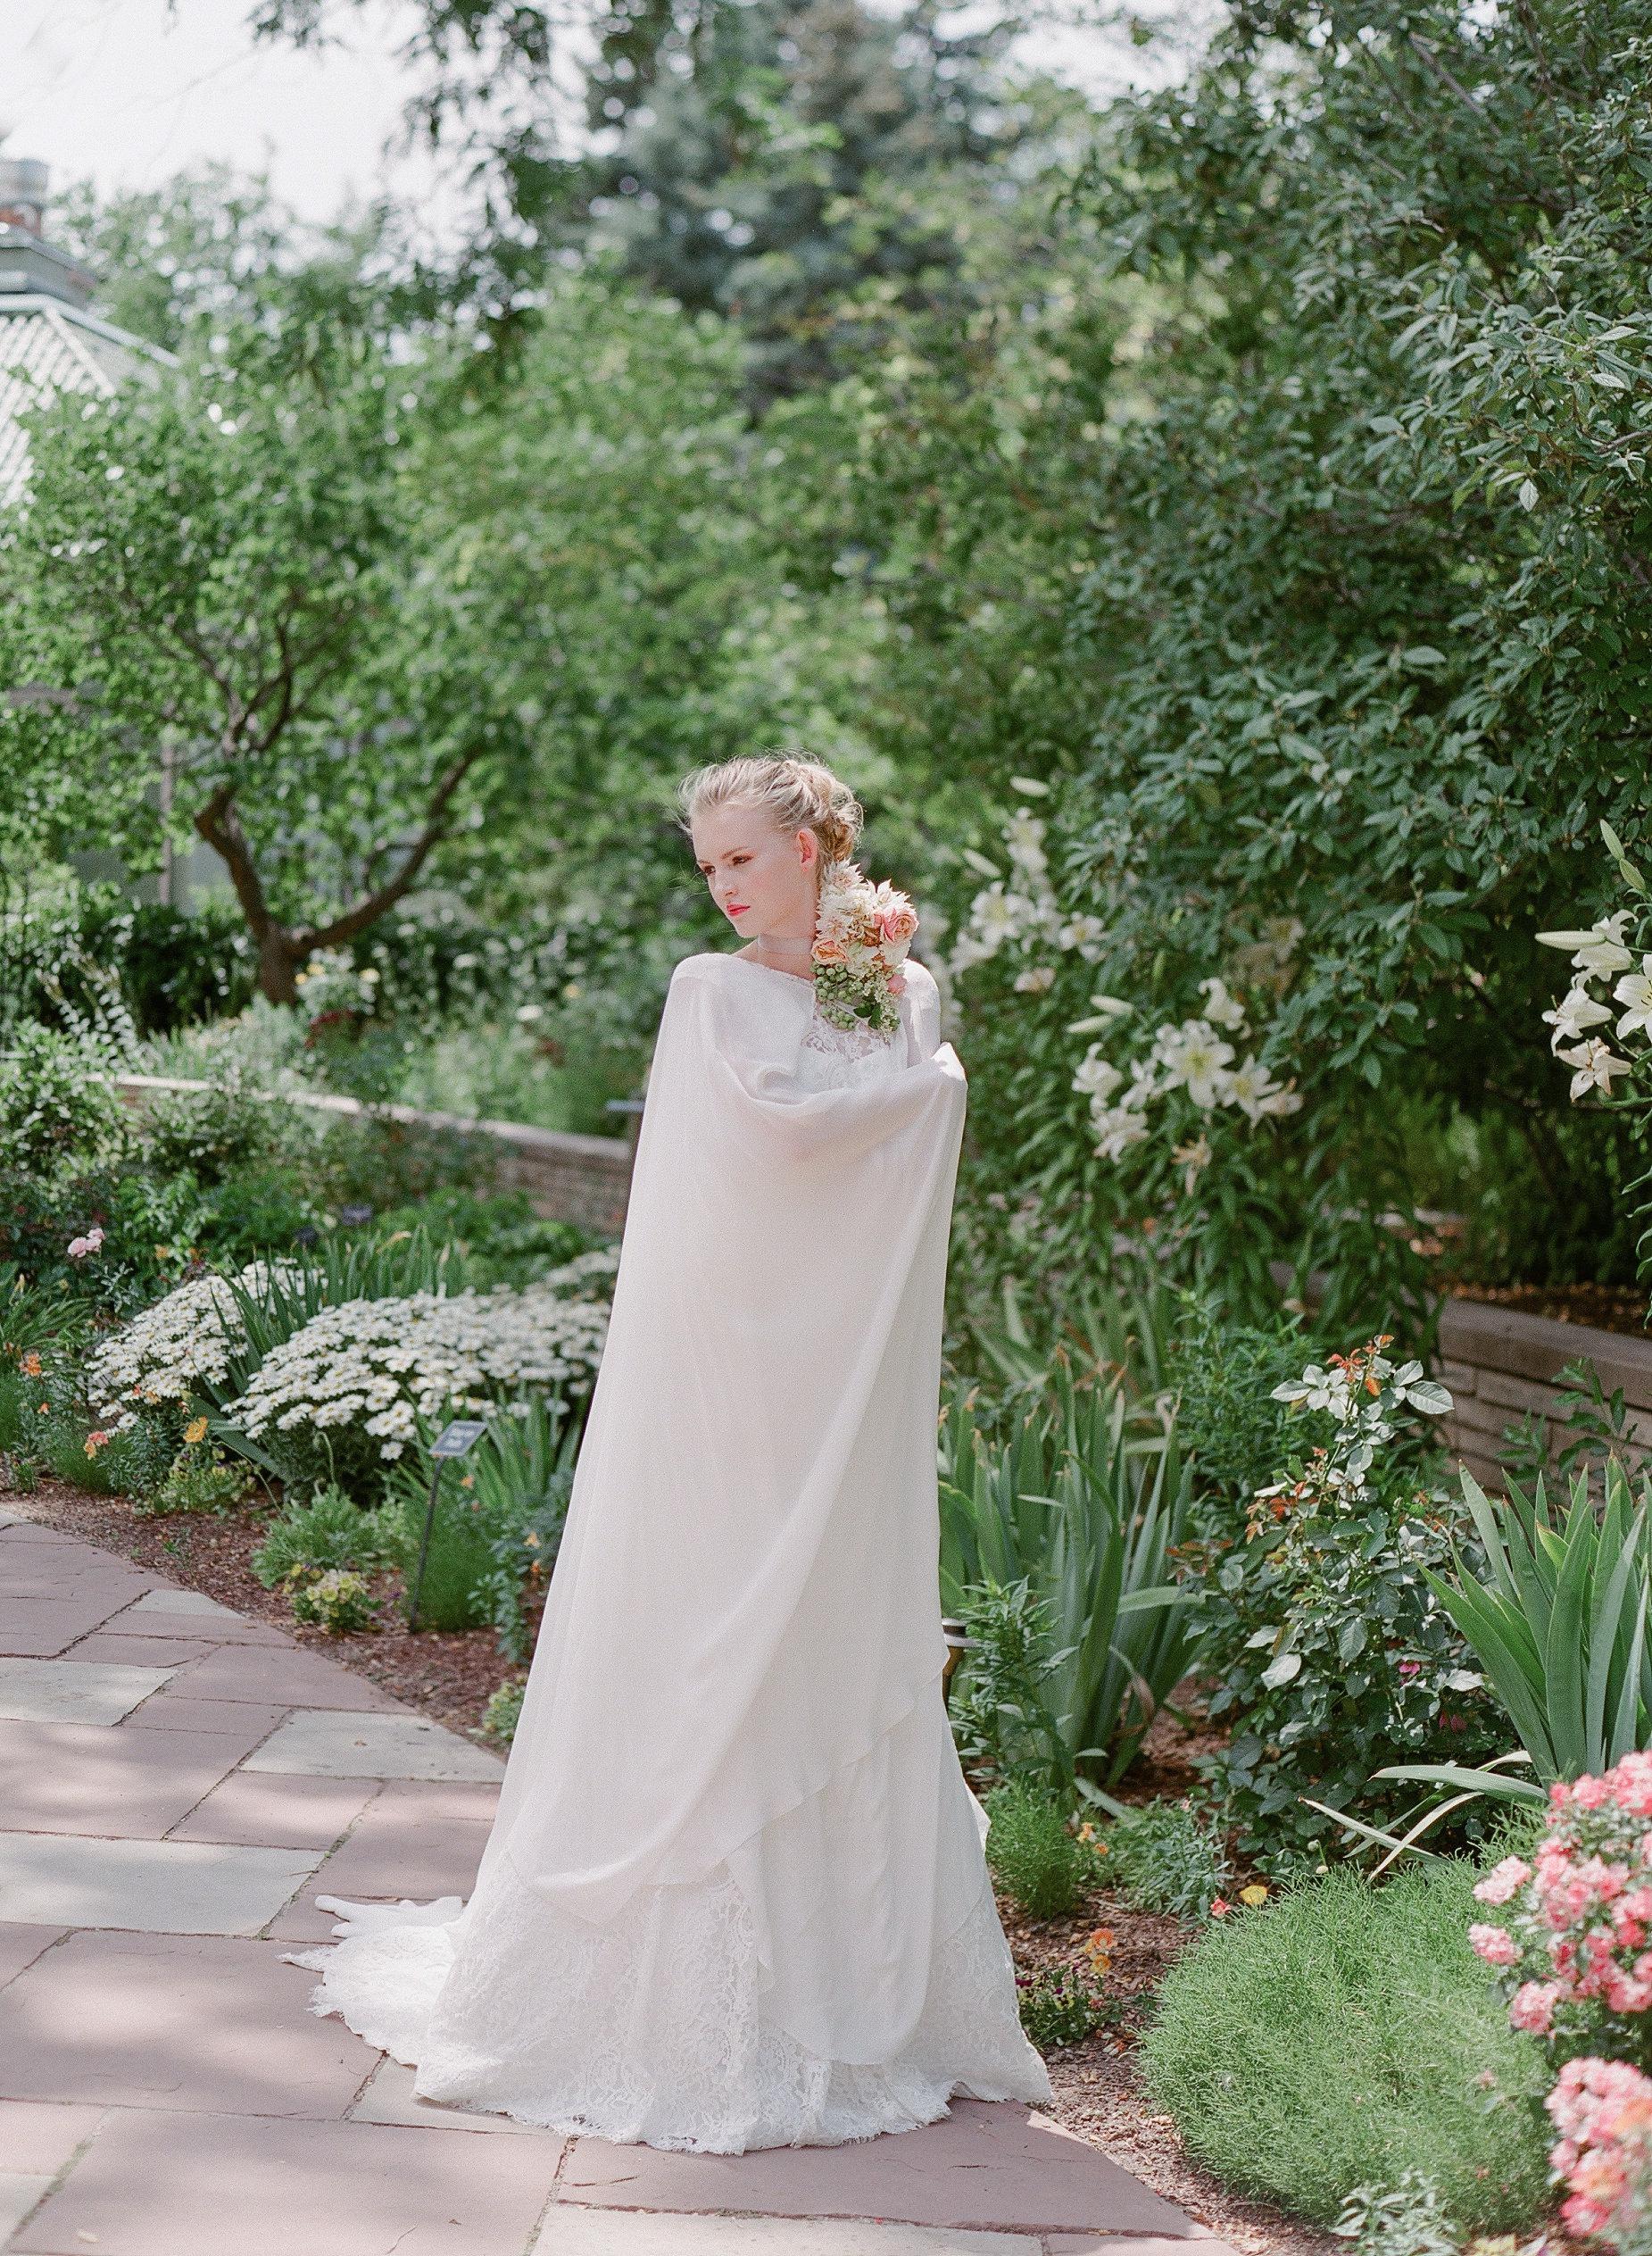 Jaclyn Jordan NY - Carrie King Photographer61.jpg